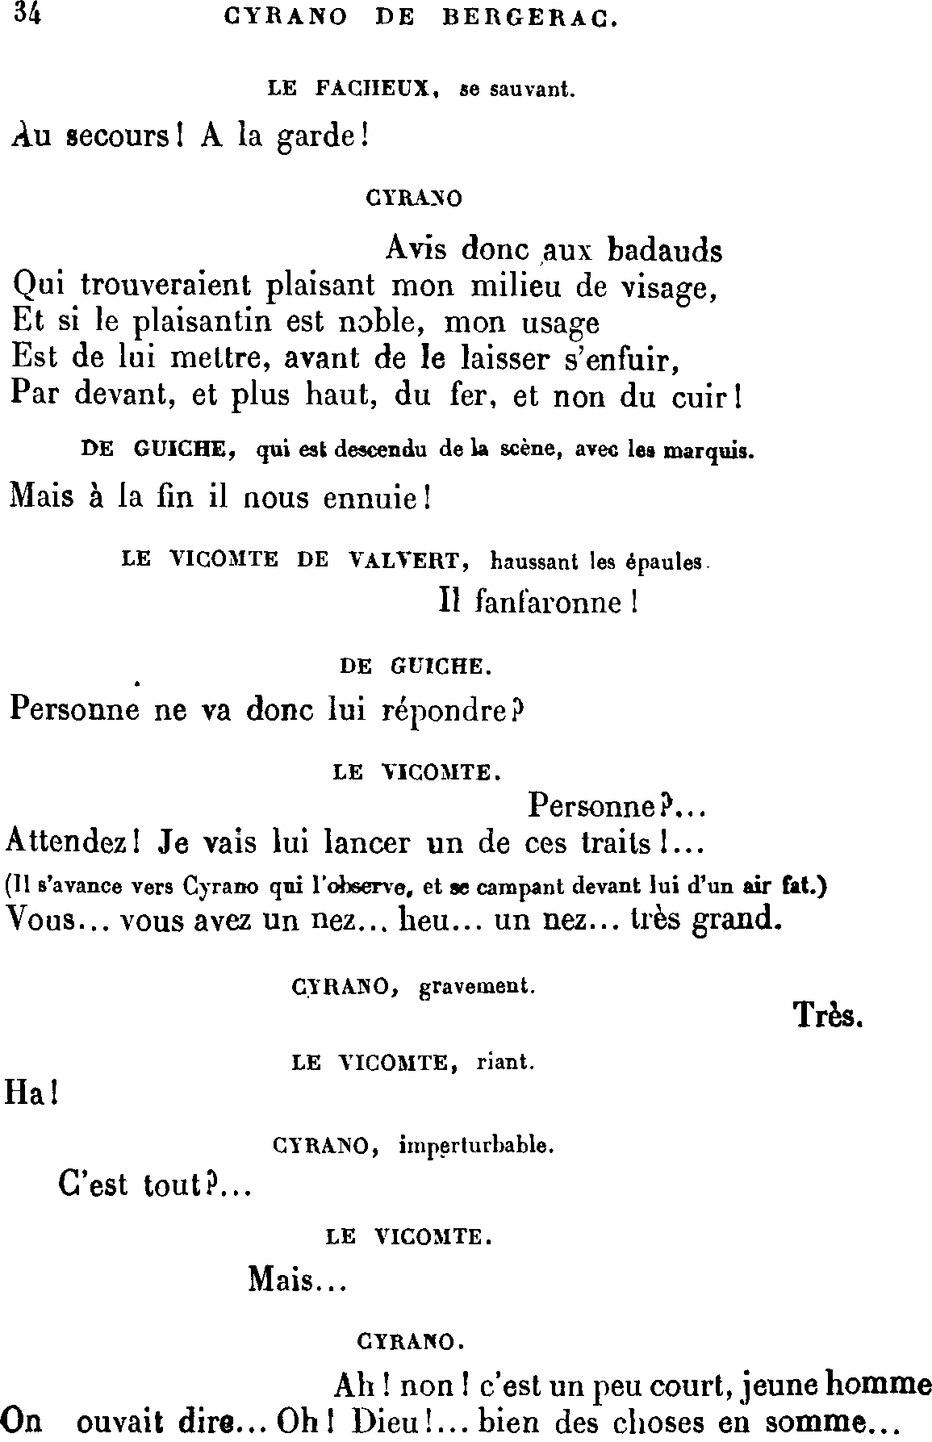 C Est Un Peu Court Jeune Homme : court, jeune, homme, Page:Rostand, Cyrano, Bergerac.djvu/34, Wikisource